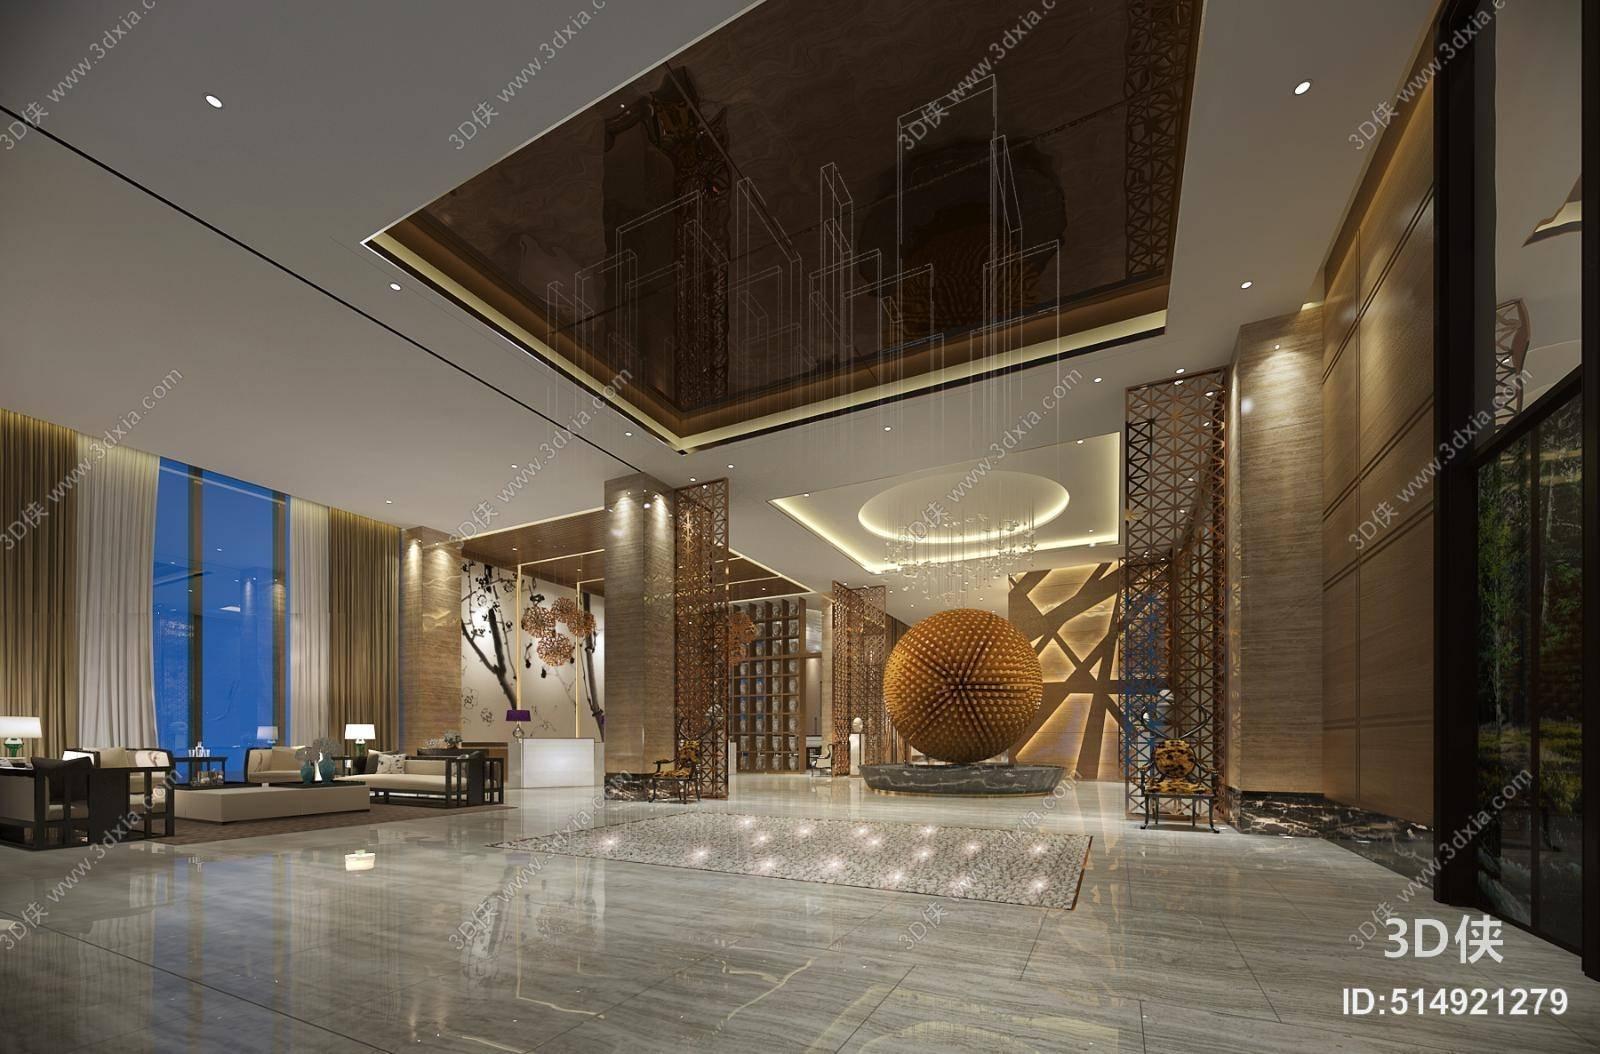 新中式酒店休息区 新中式木艺沙发茶几组合 圆形装饰品